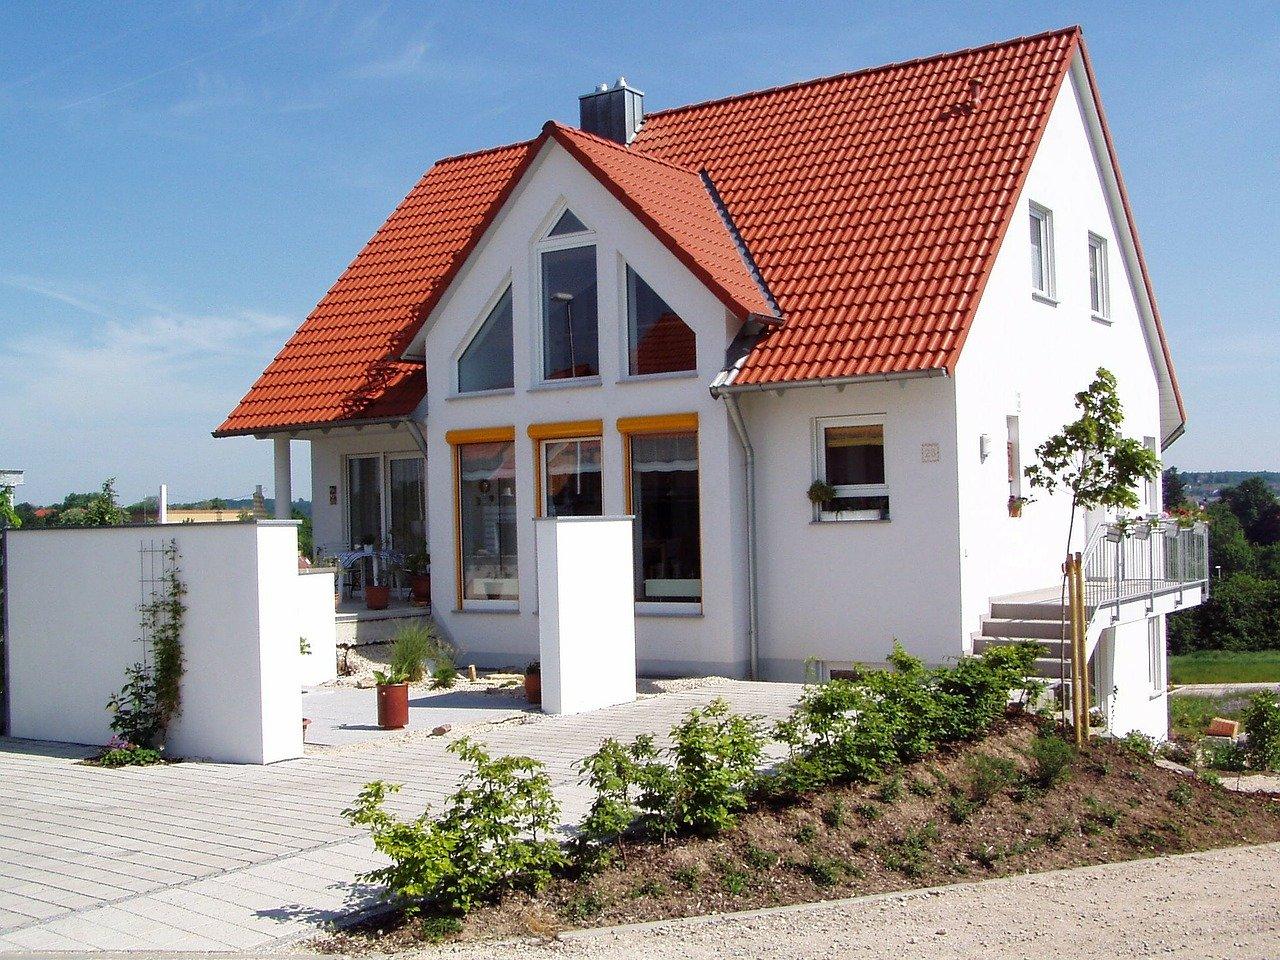 Haus Neubau Eigenheim Dach Dachschräge